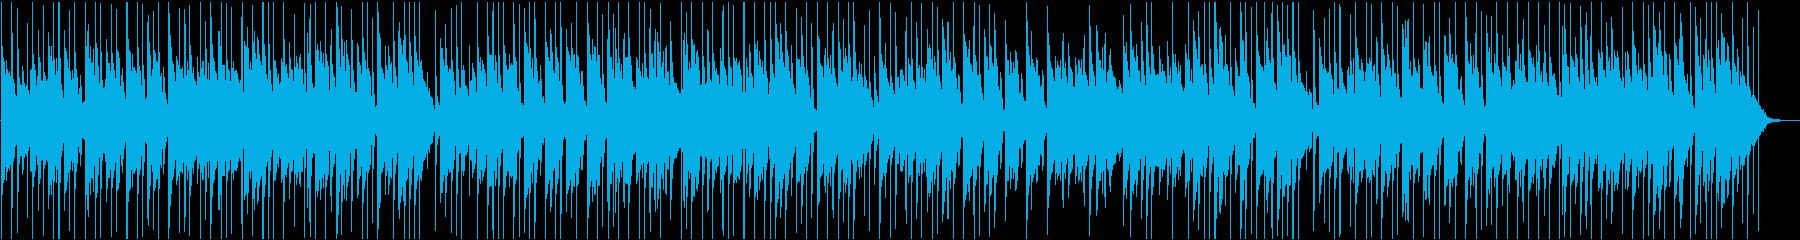 ★★都市伝説✡オルゴール✡Lo-Fi★Iの再生済みの波形